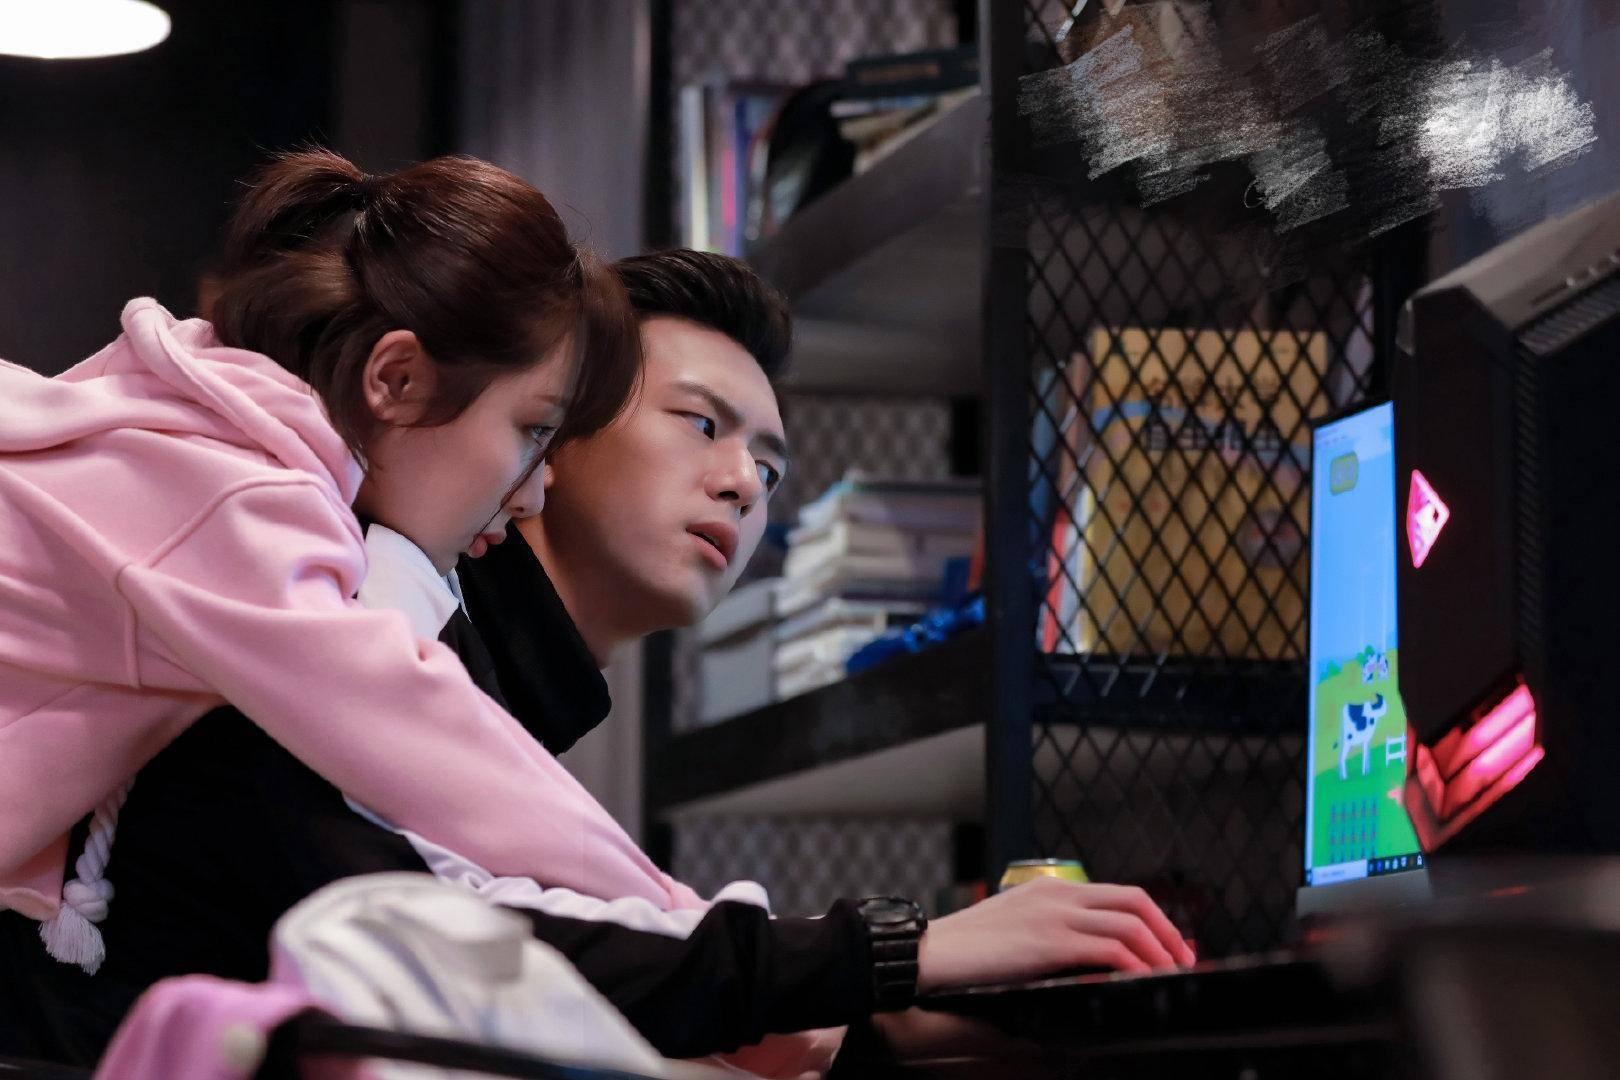 李现有多火?粉丝拍下韩商言同款豪宅,为留作纪念还是坐等升值?